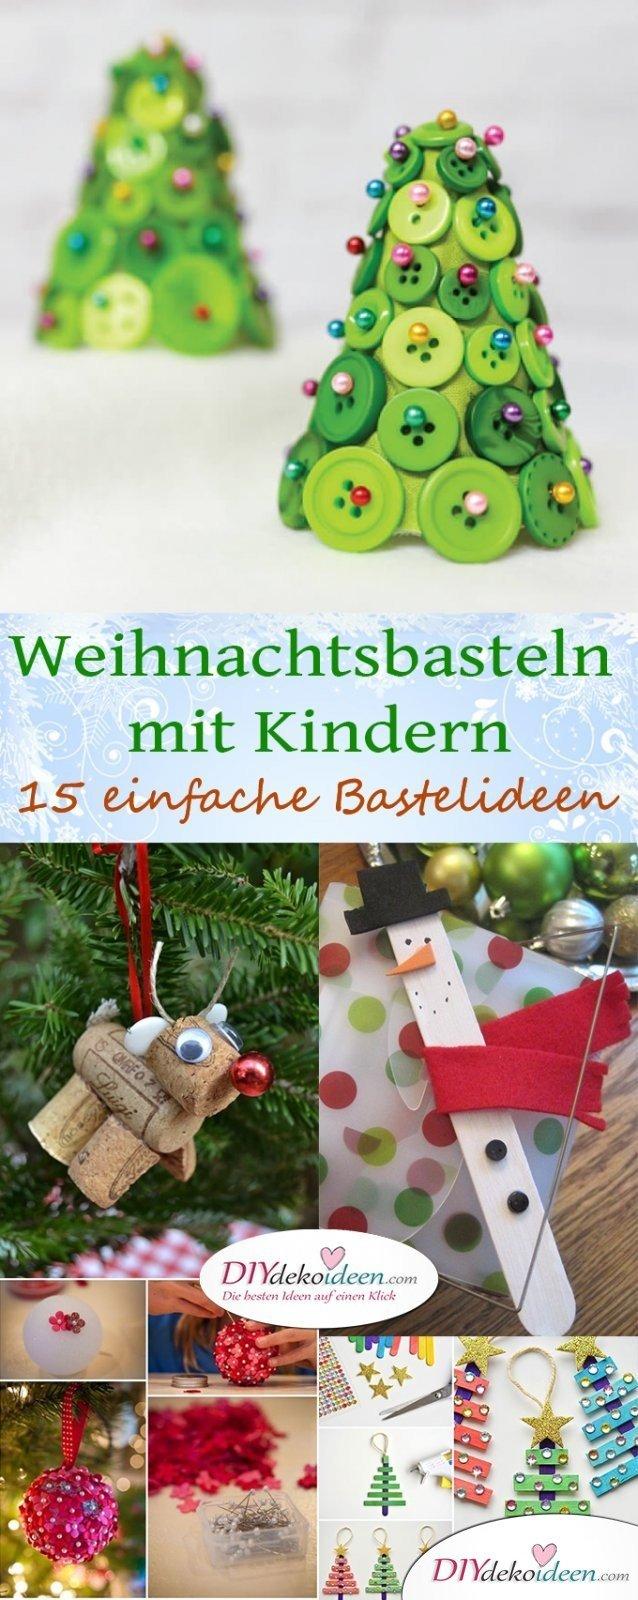 15 Einfache Diy Bastelideen Fürs Weihnachtsbasteln Mit Kindern mit Weihnachtsbasteln Mit Kindern Grundschule